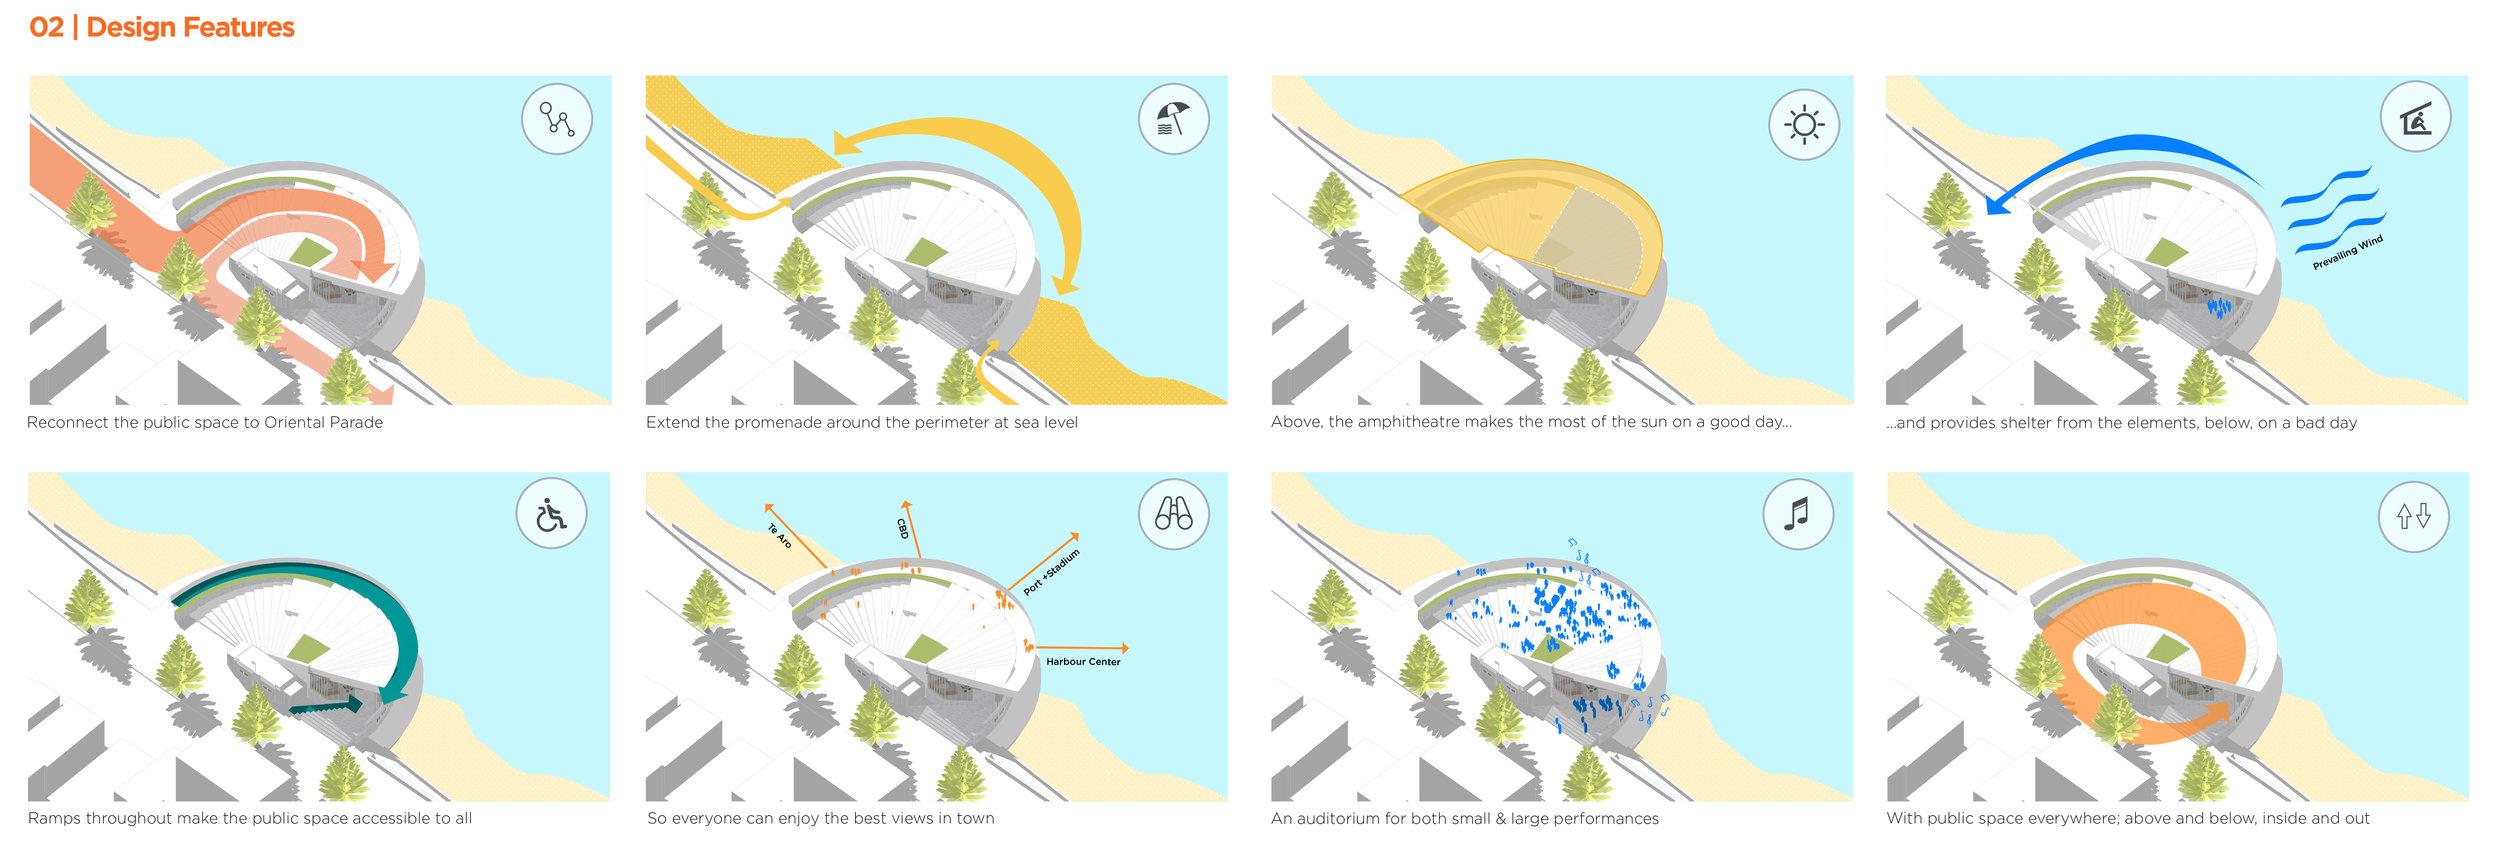 AC2018_444 - Design Features.jpg